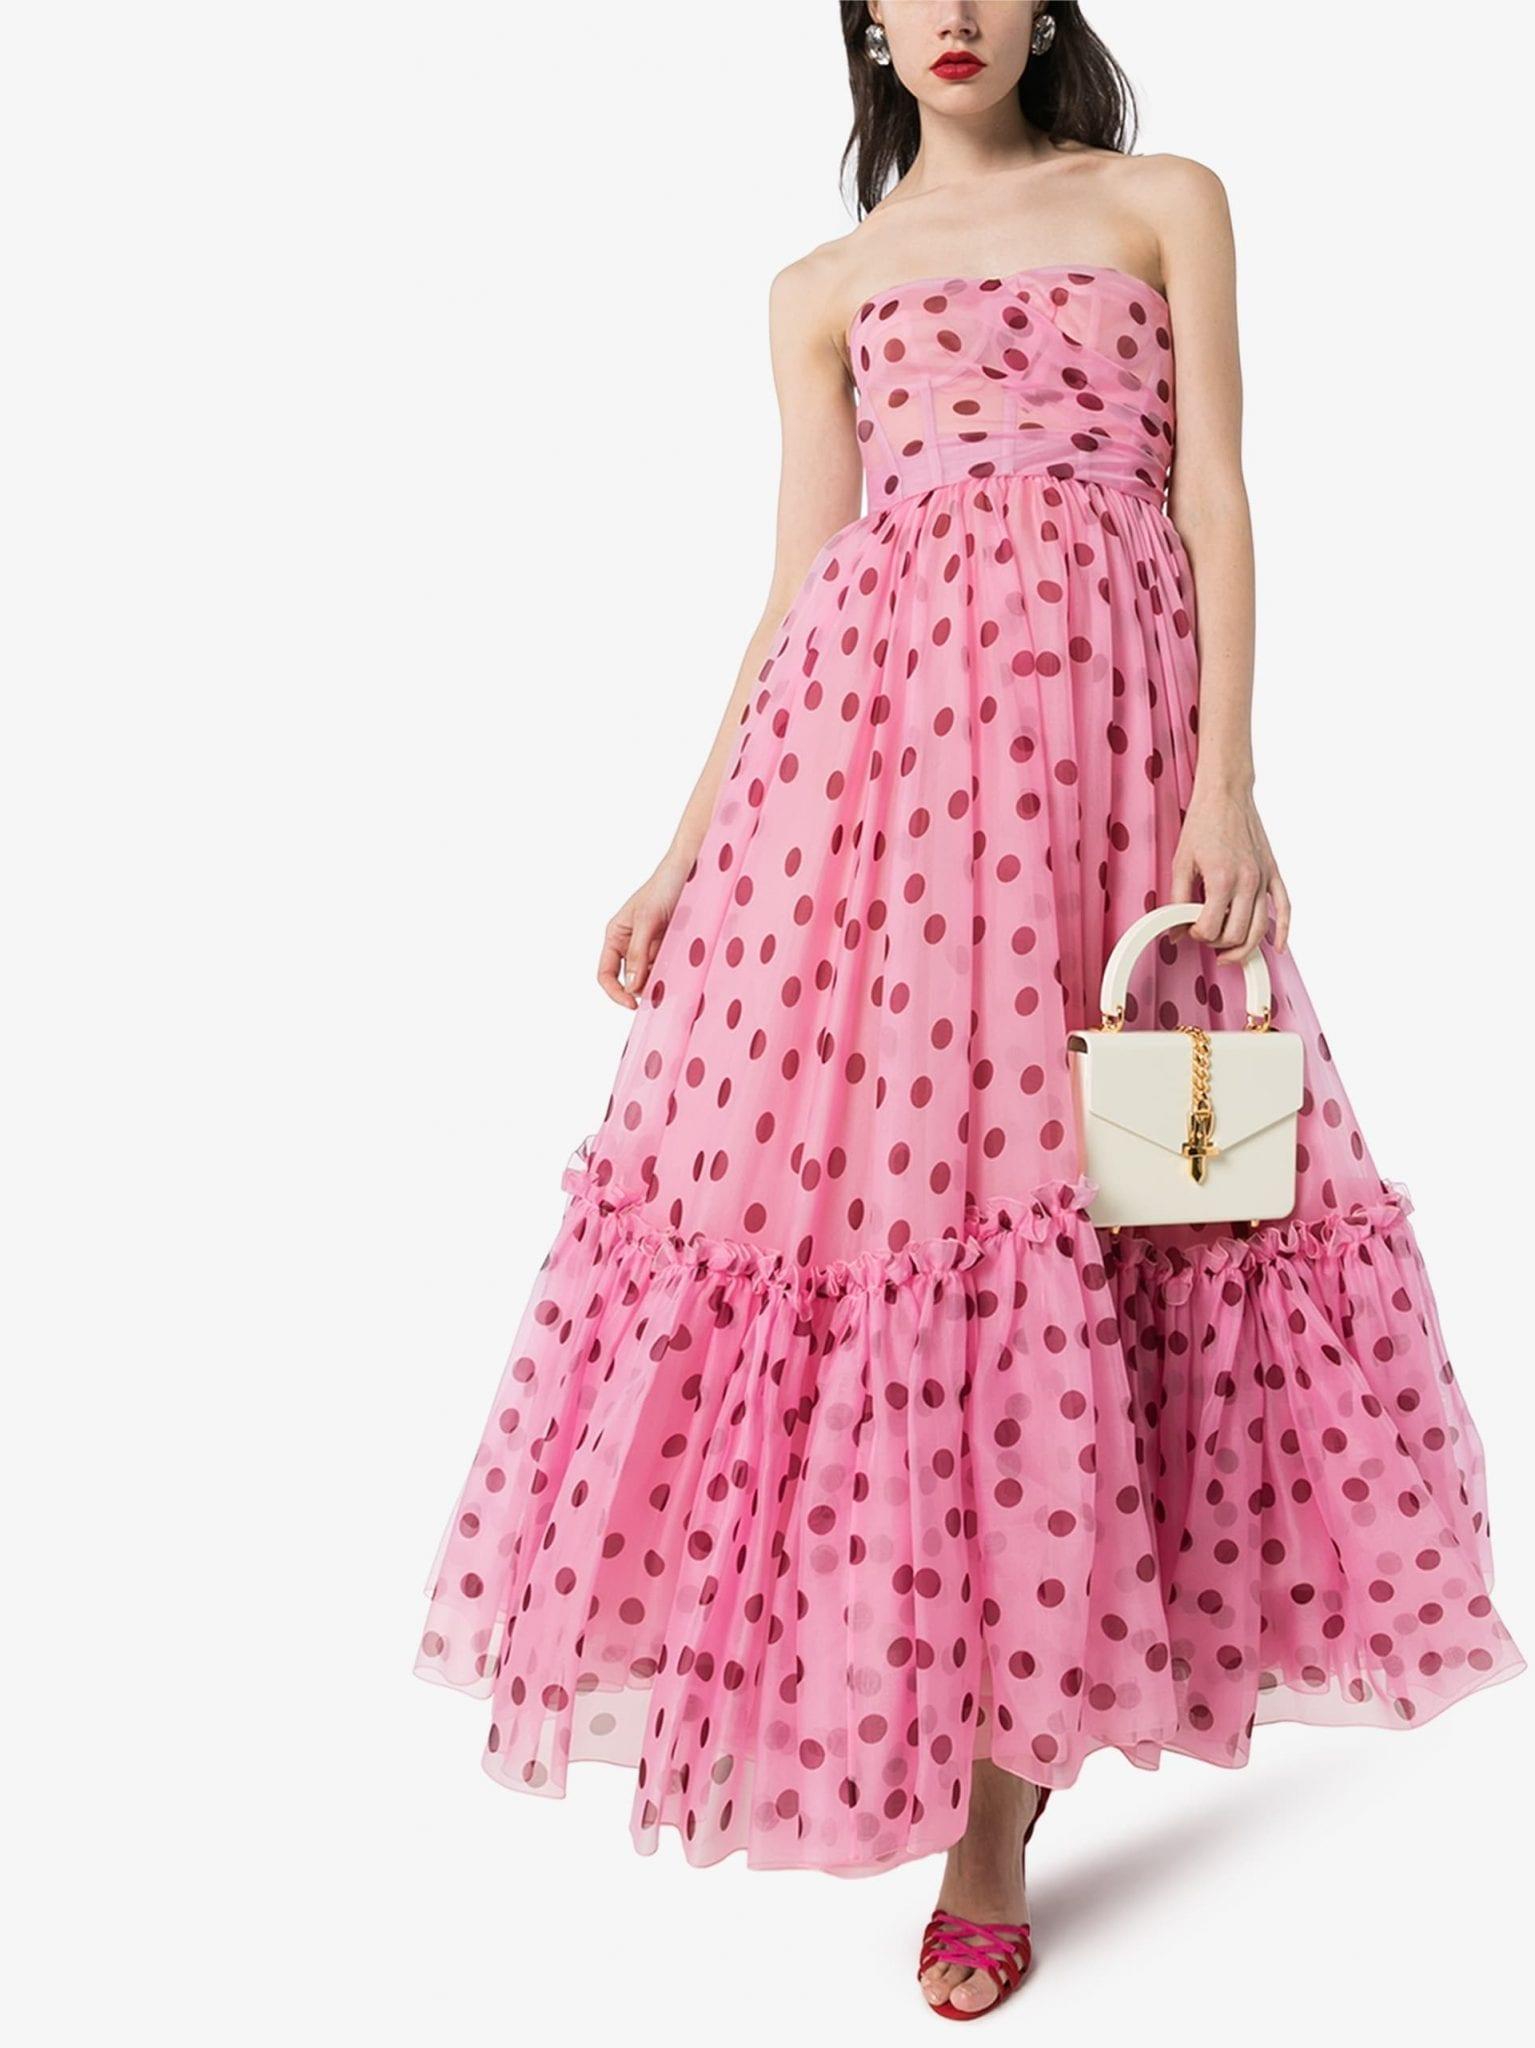 DOLCE & GABBANA Strapless Polka Dot Organza Dress